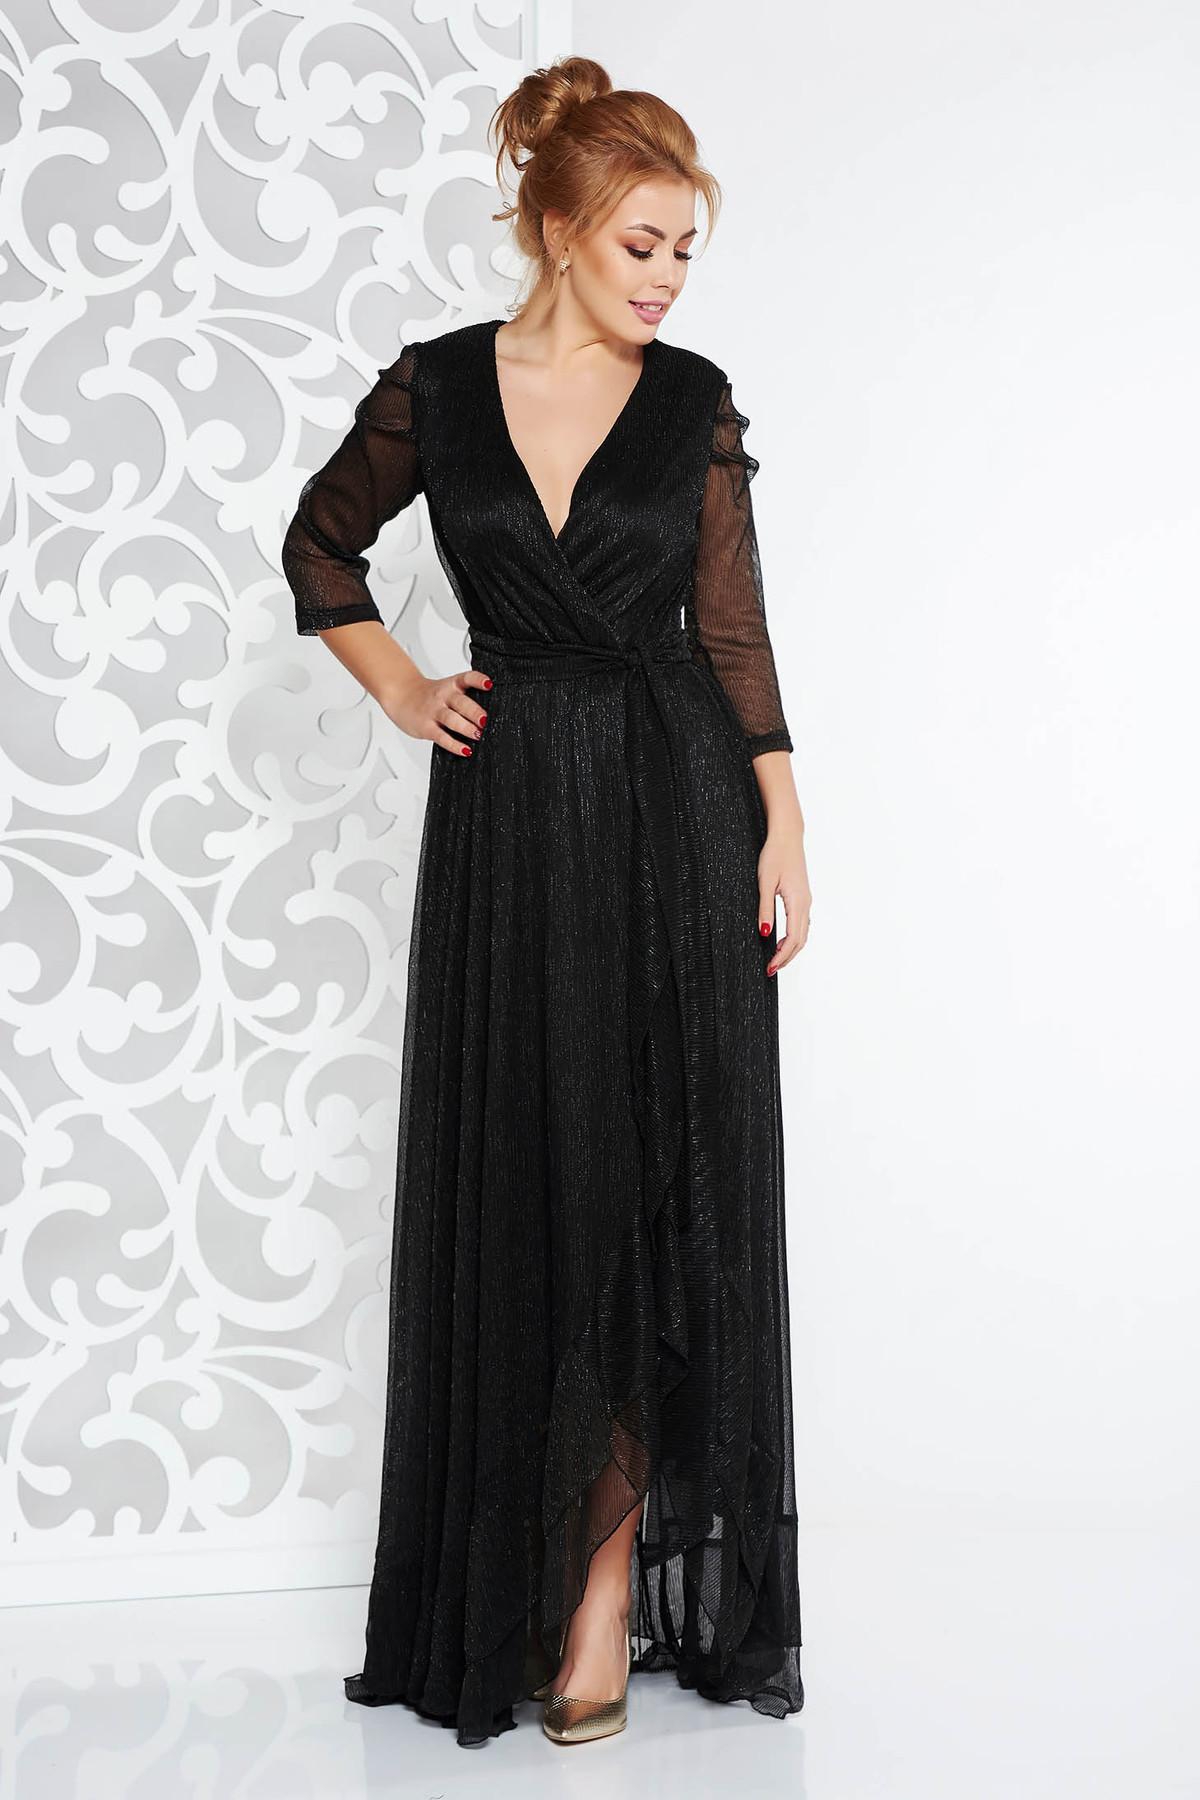 cbe91c6e9b Fekete Artista alkalmi ruha fényes anyag lamé szál belső béléssel övvel  ellátva